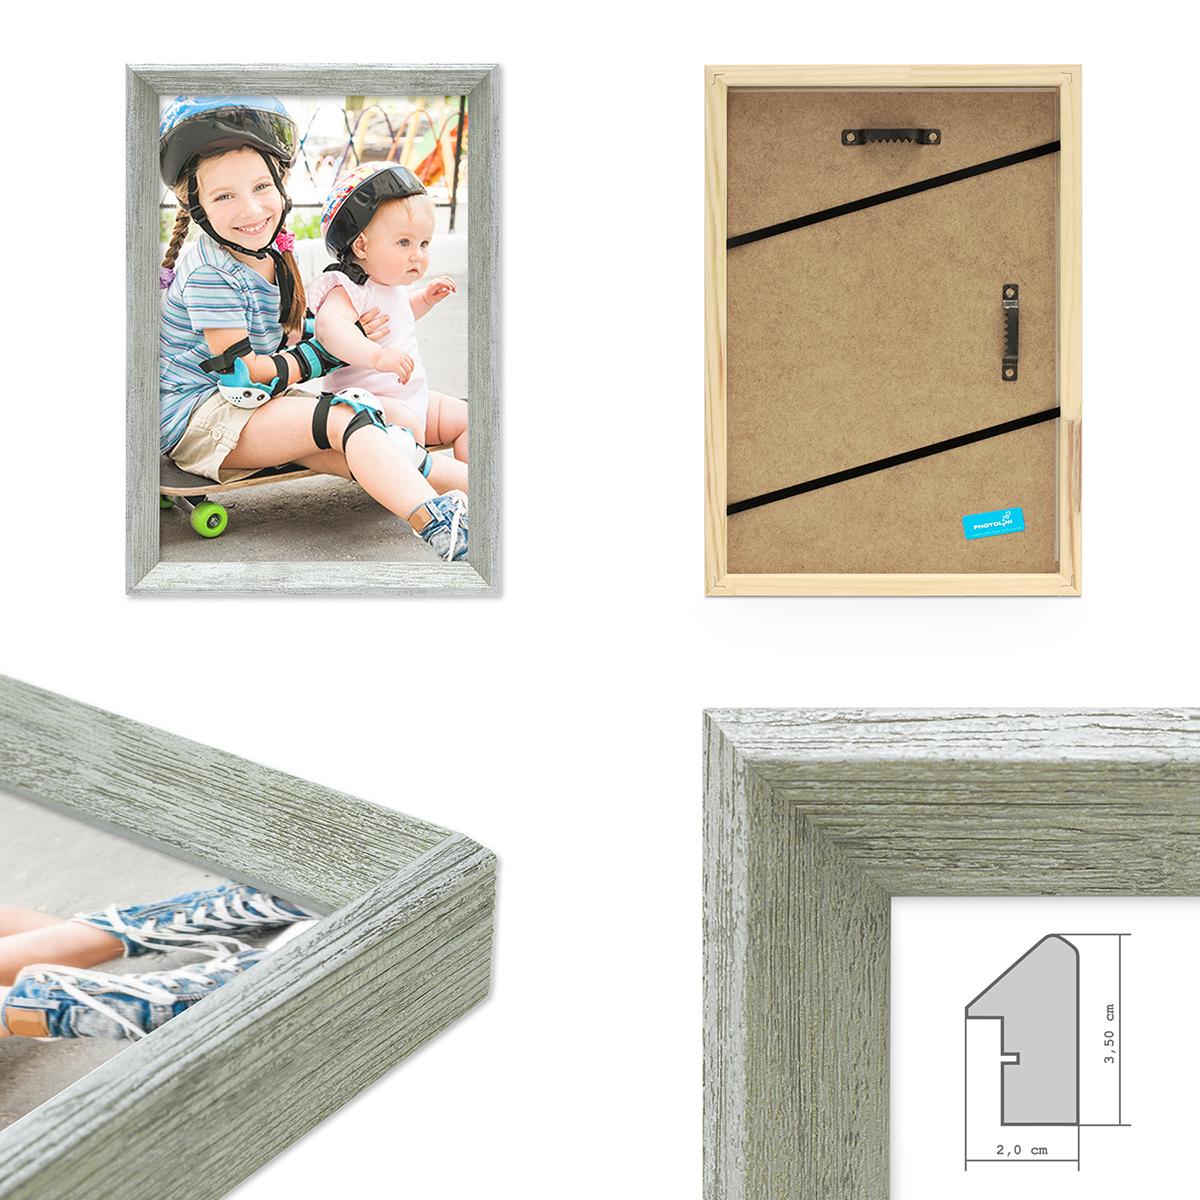 2er set vintage bilderrahmen shabby chic grau 20x30 cm massivholz mit glasscheibe und zubeh r. Black Bedroom Furniture Sets. Home Design Ideas